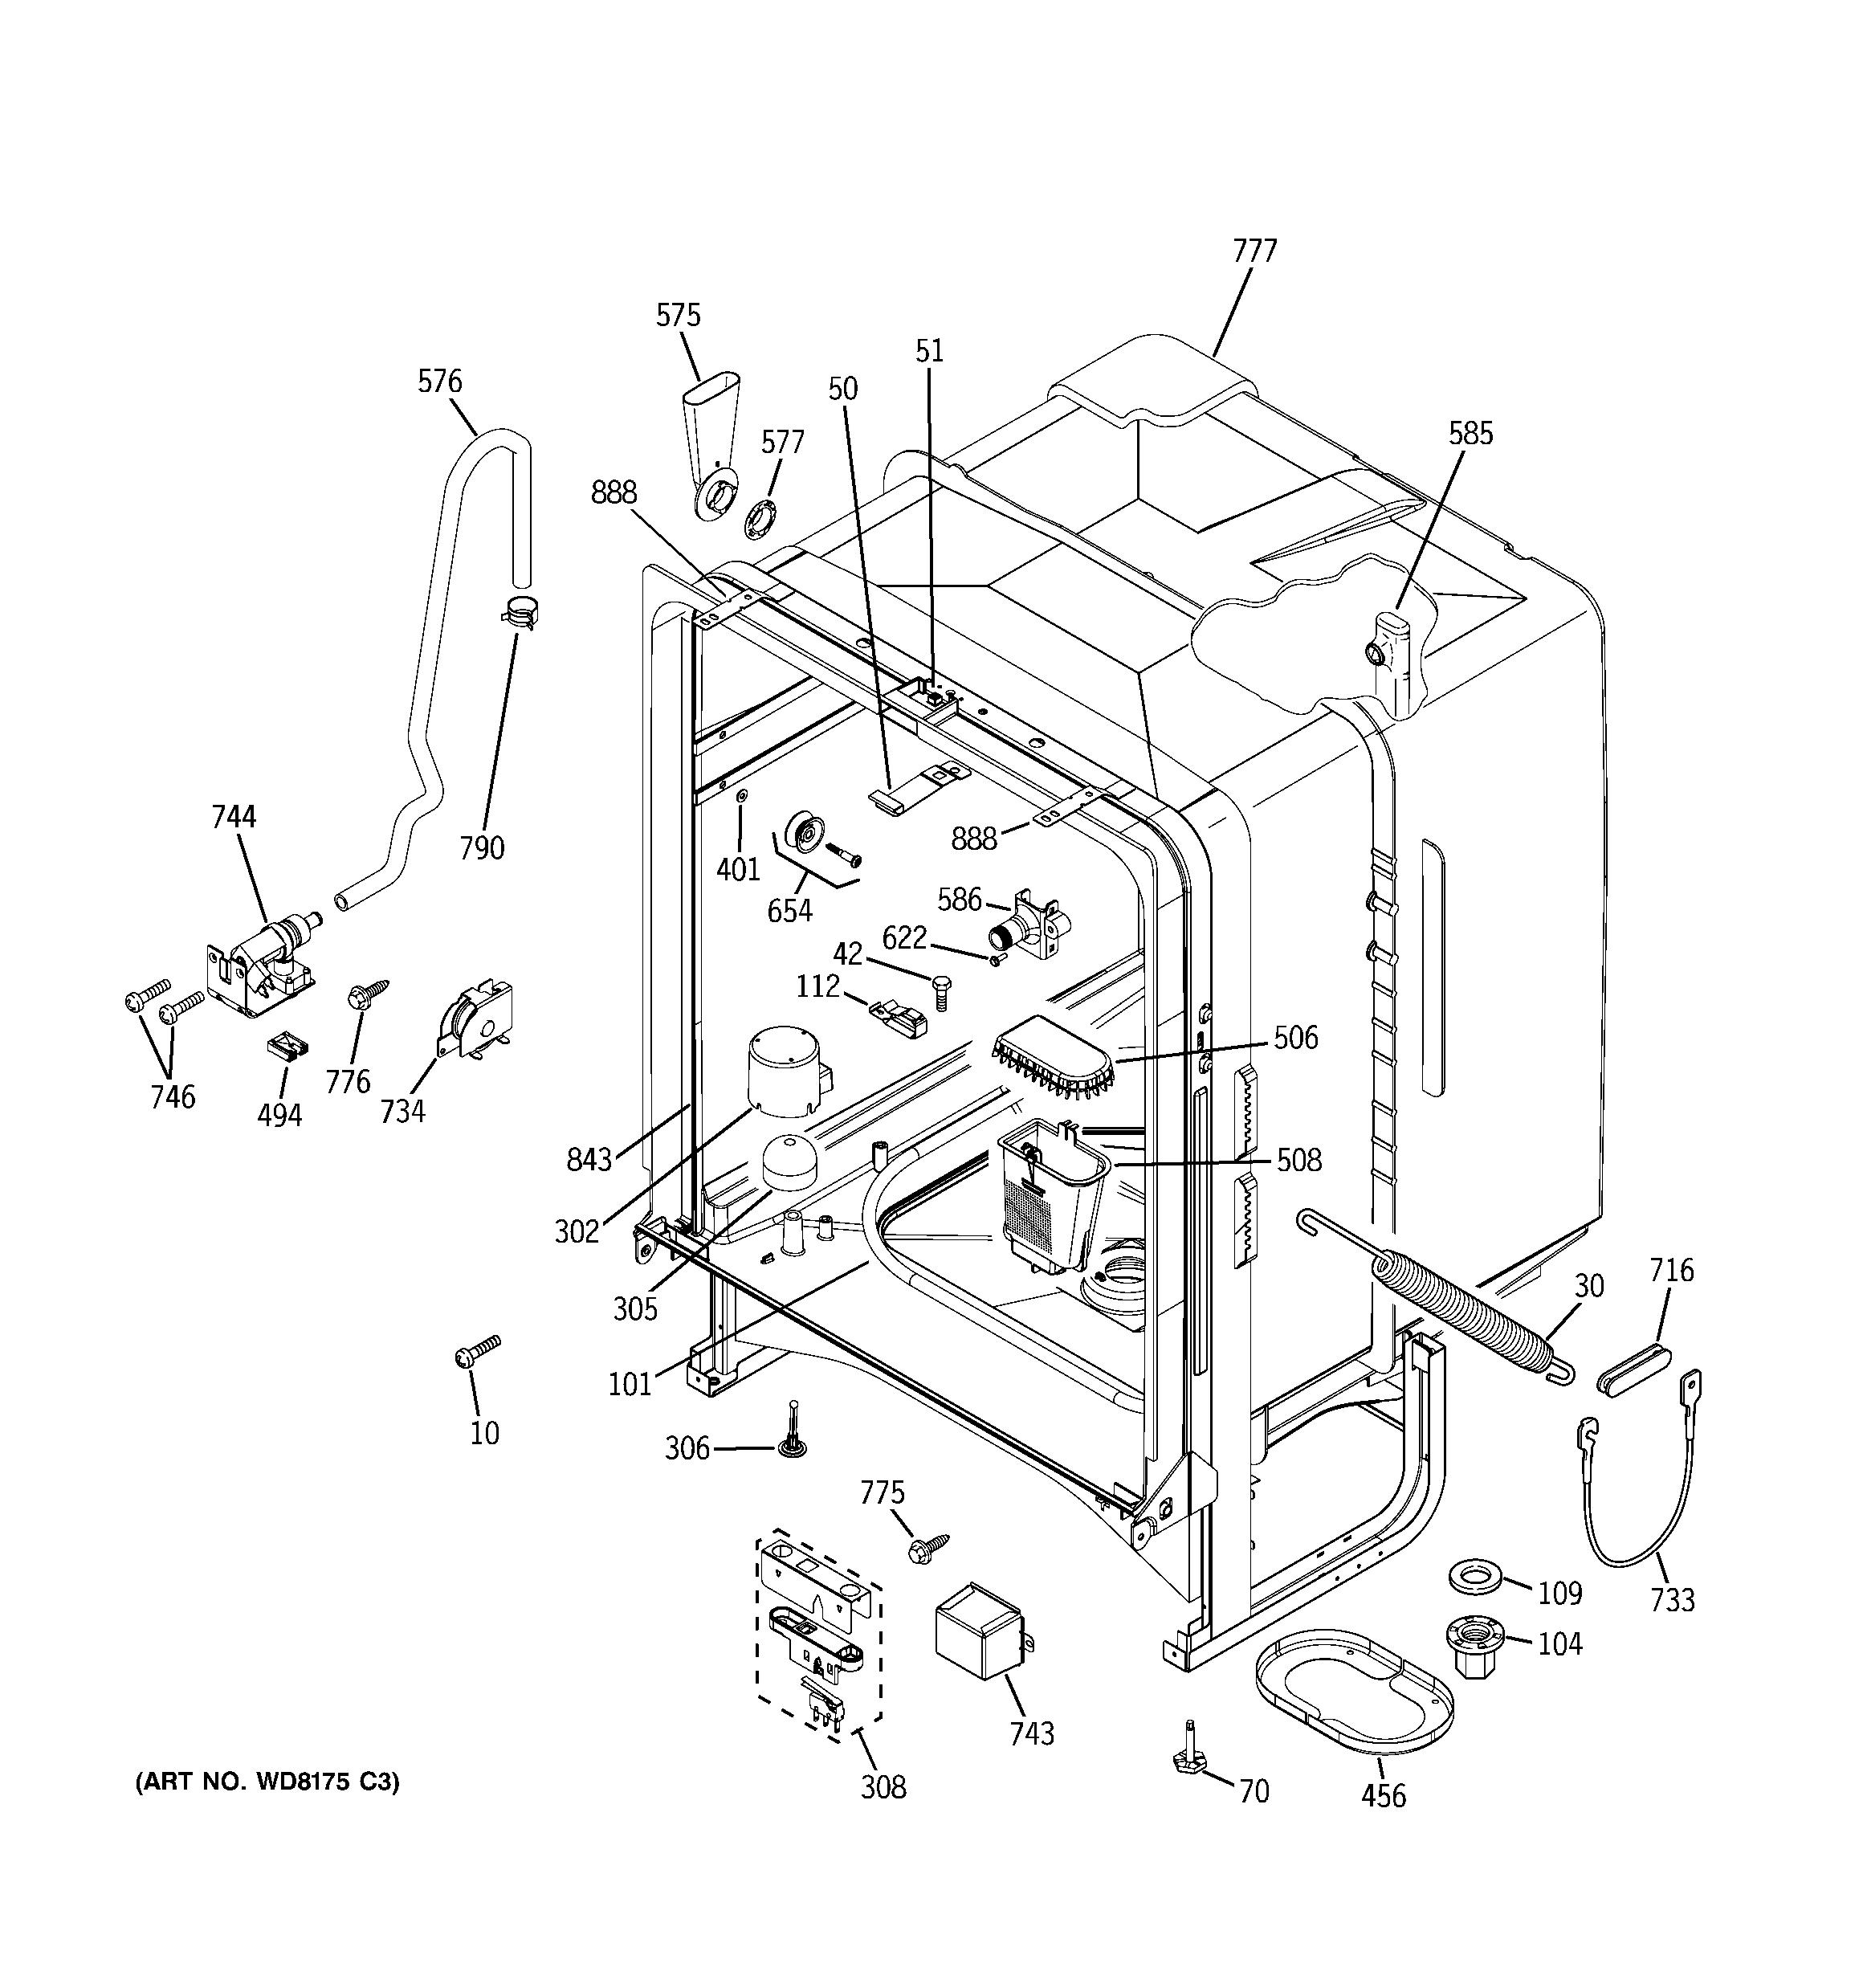 Wiring Diagram For Ge Dishwasher